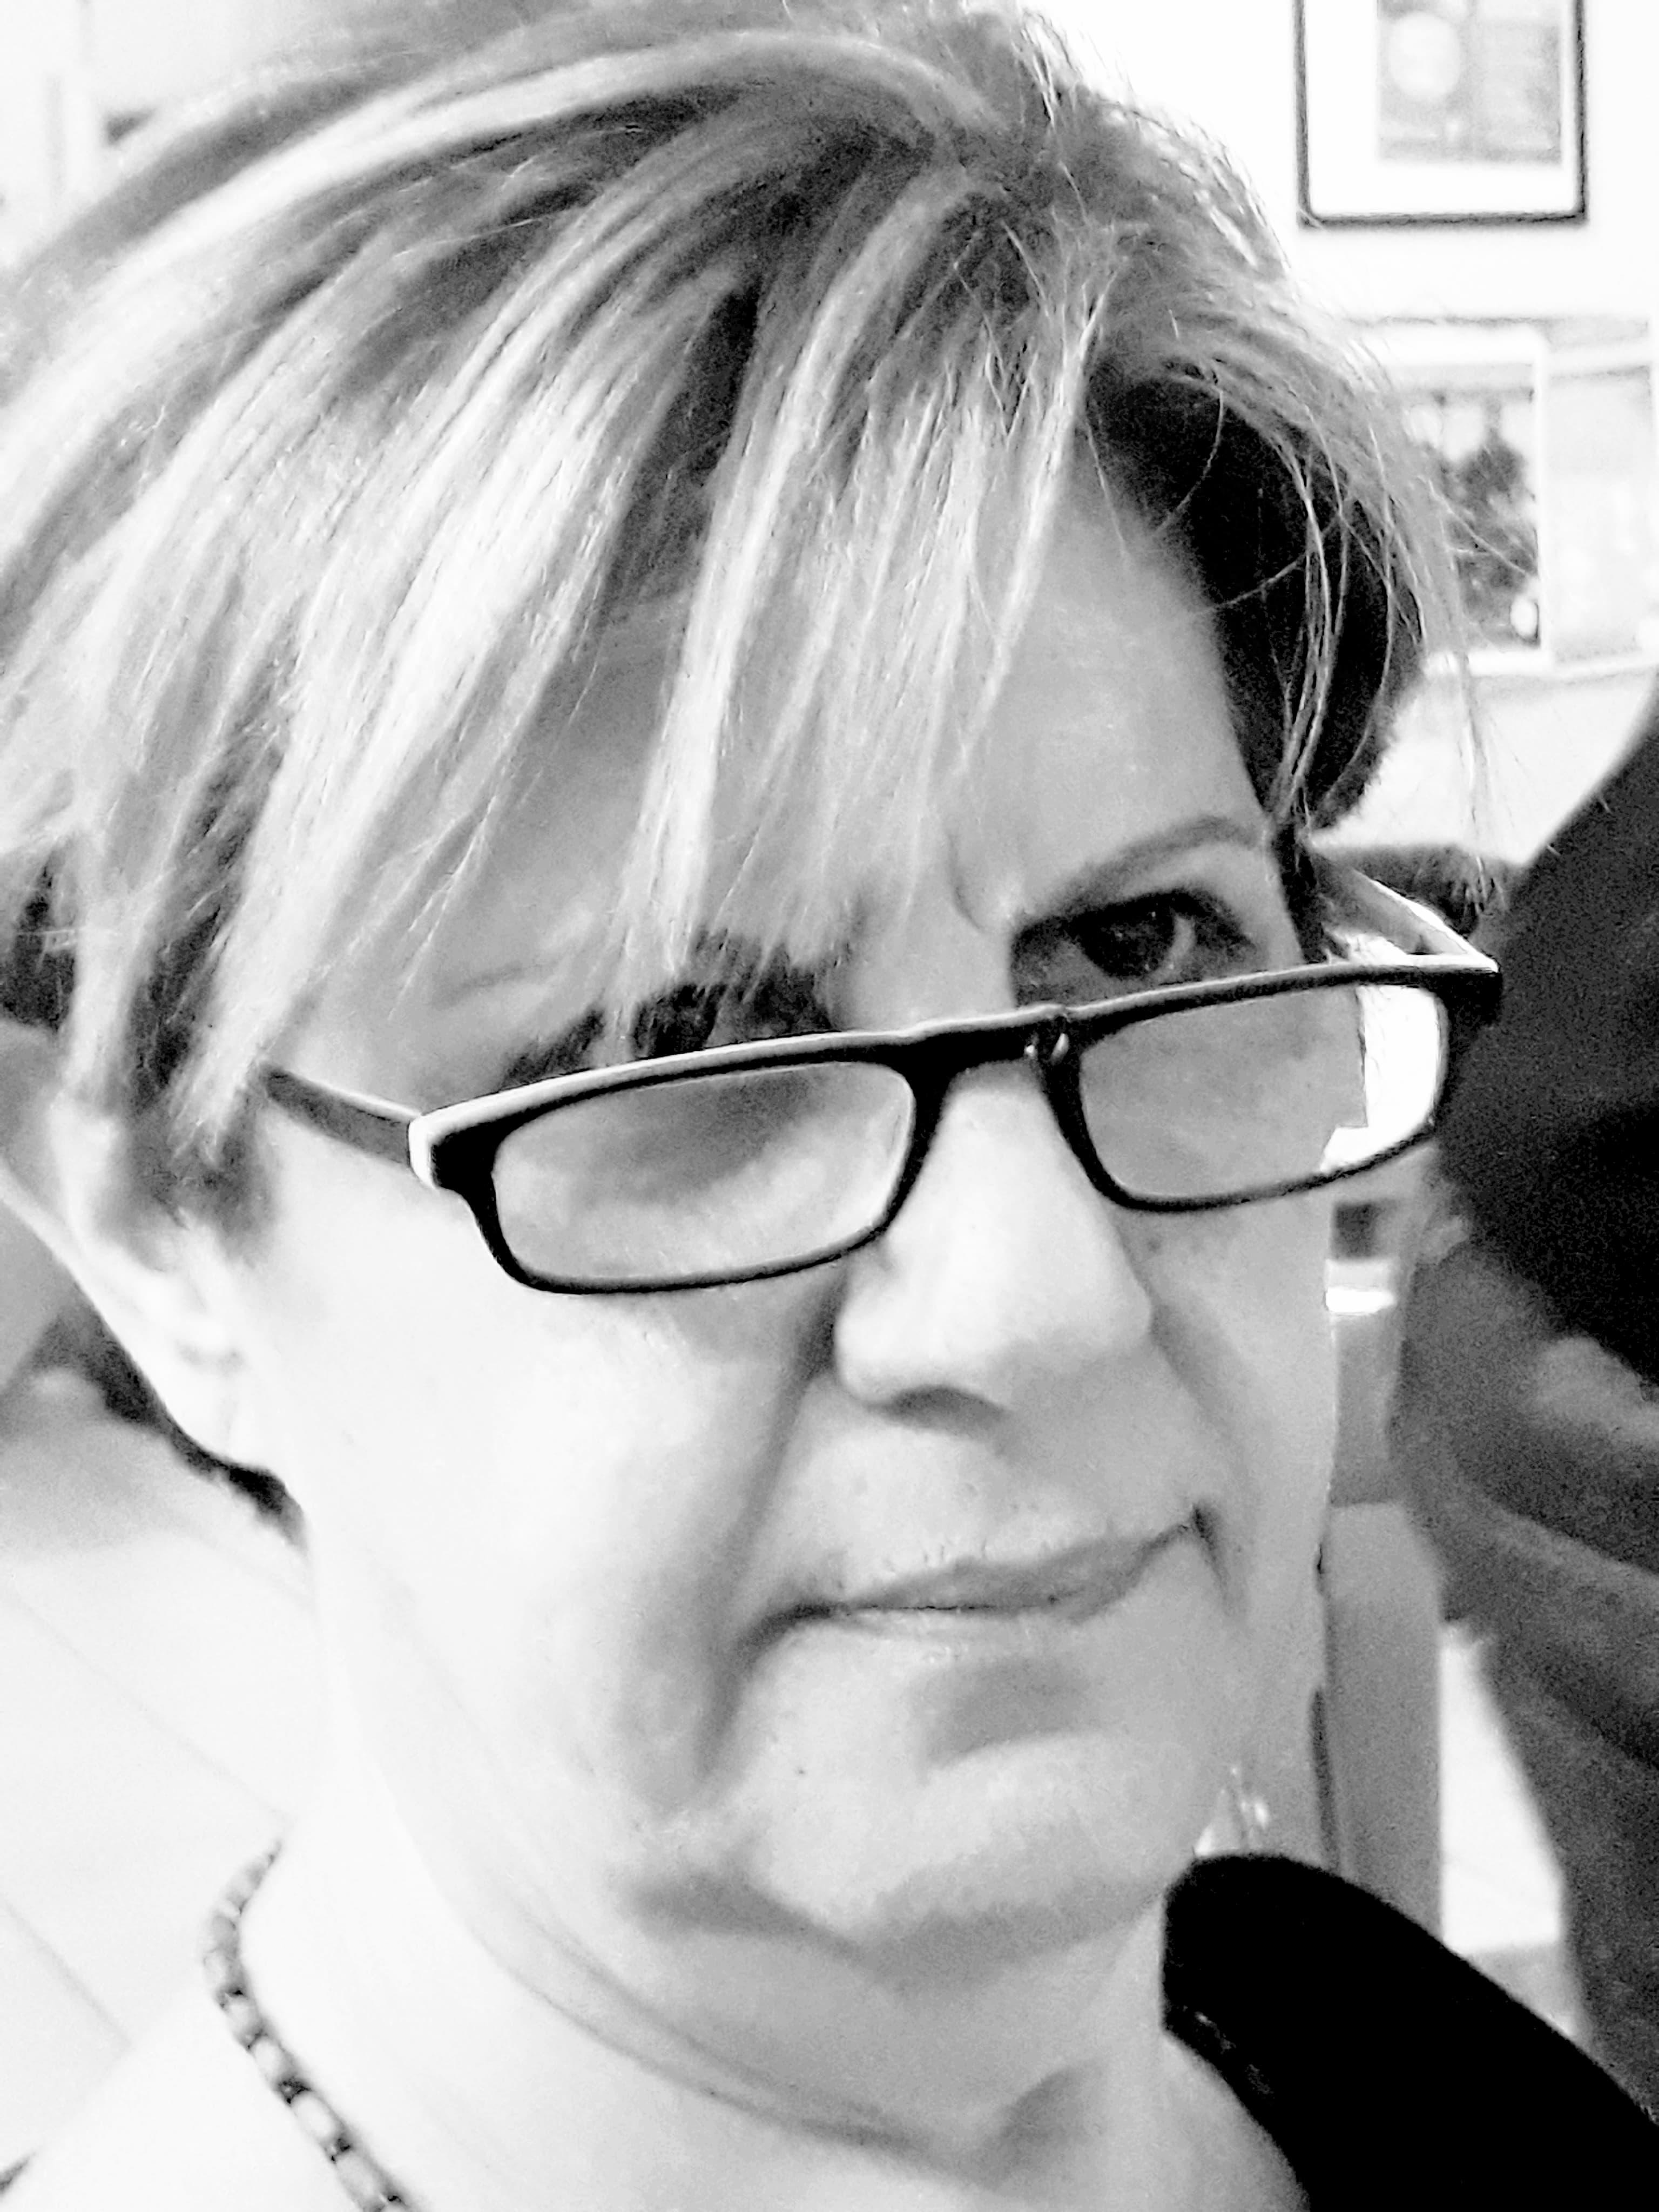 Τζουβελέκη Παυλίνα Υποψήφια Δημοτική Σύμβουλος Νίκαιας–Ρέντη με τη Δημοτική Κίνηση Πολιτών «Κόντρα στο Ρεύμα».